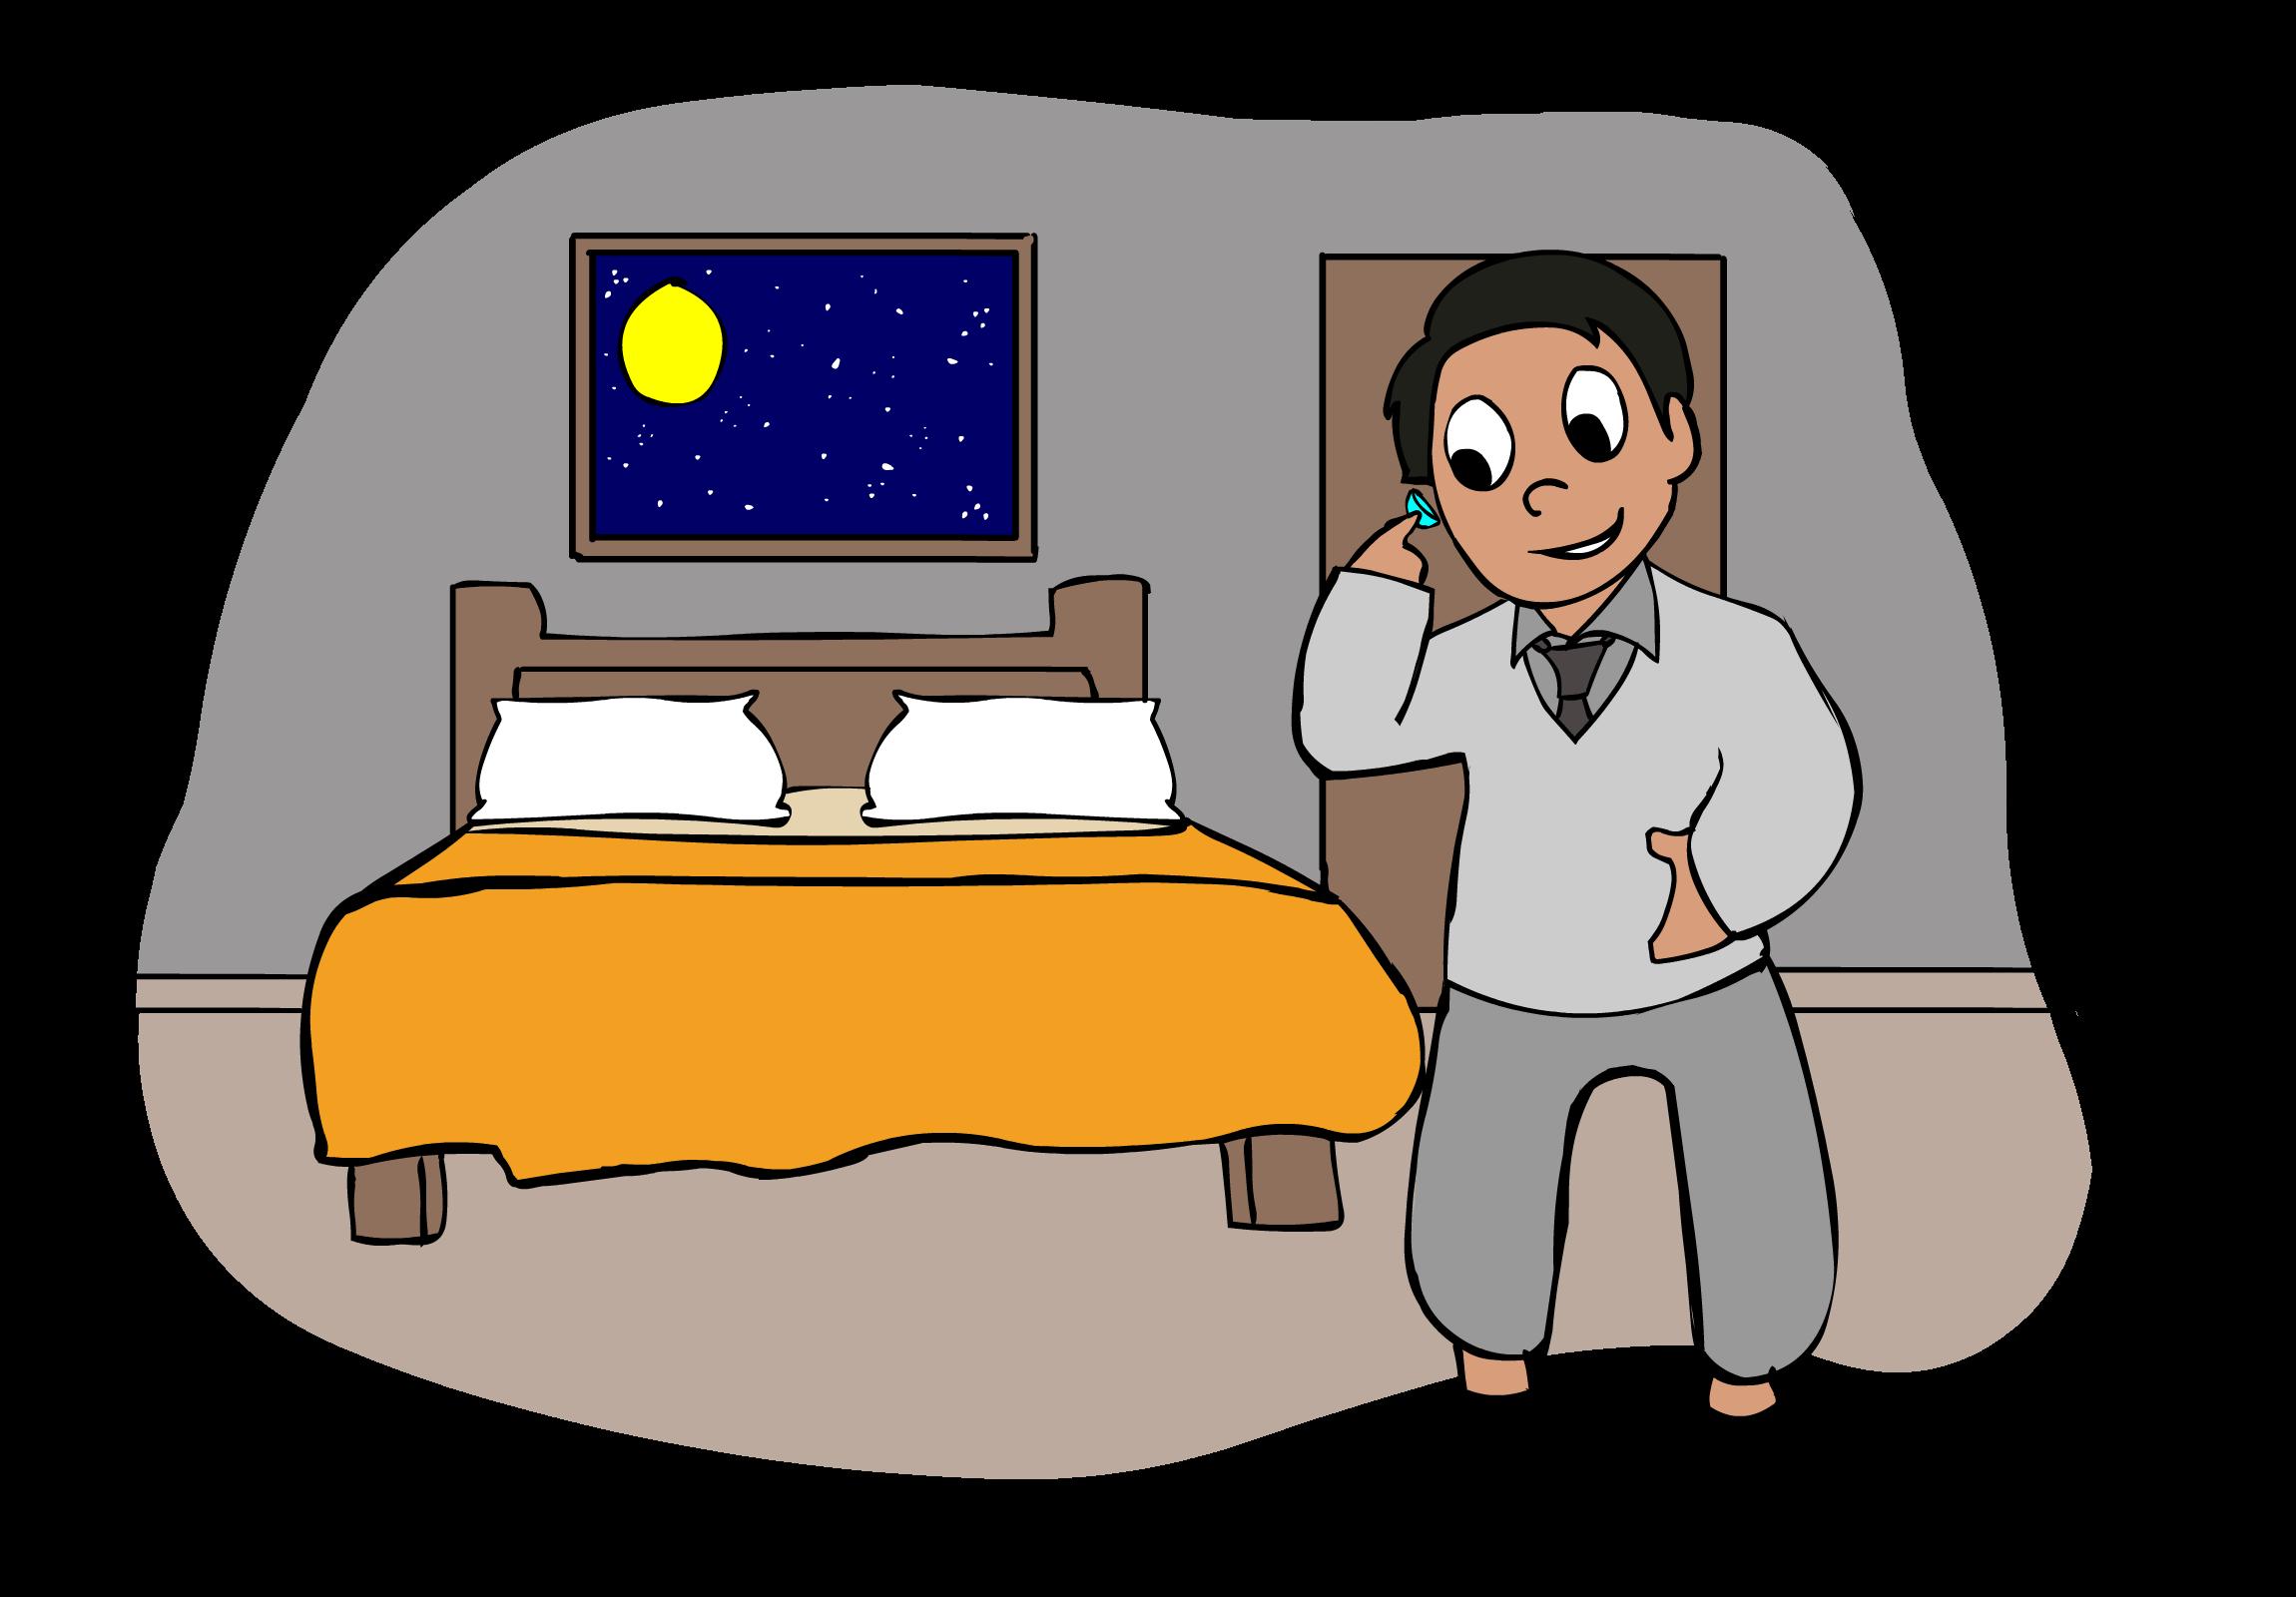 Adult_BedScene.png